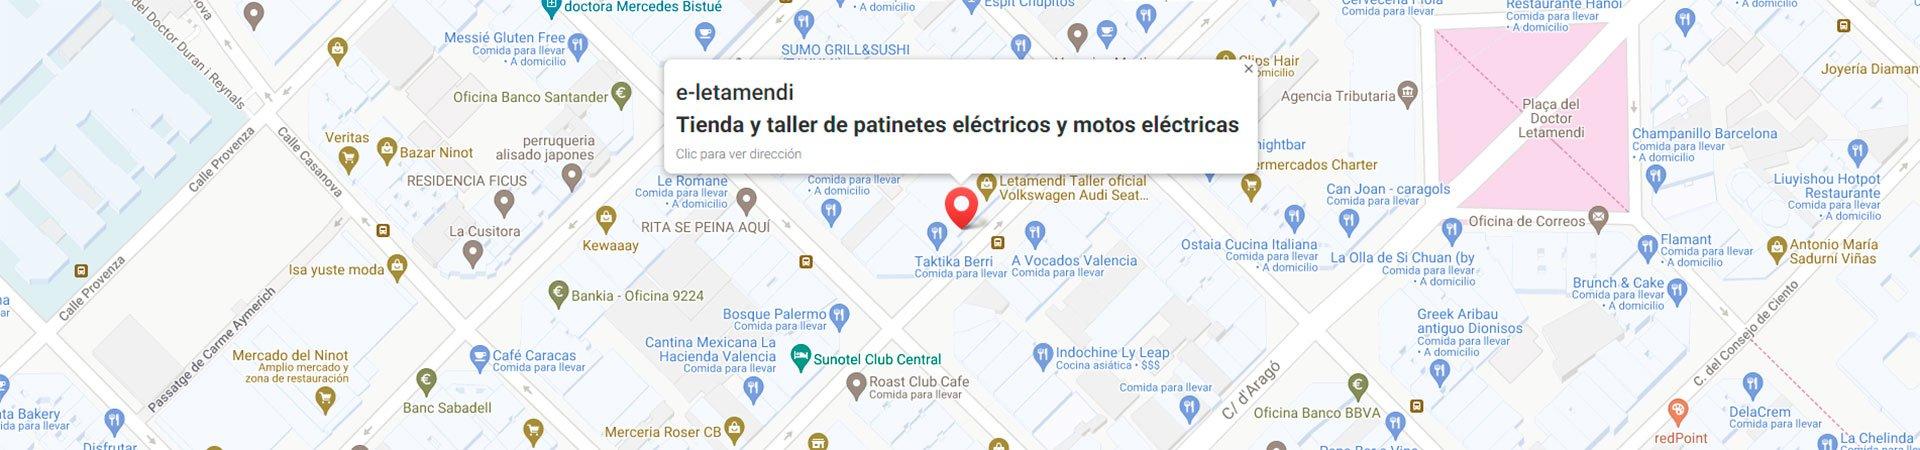 mapa patinetes eléctricos y motos eléctricas desktop